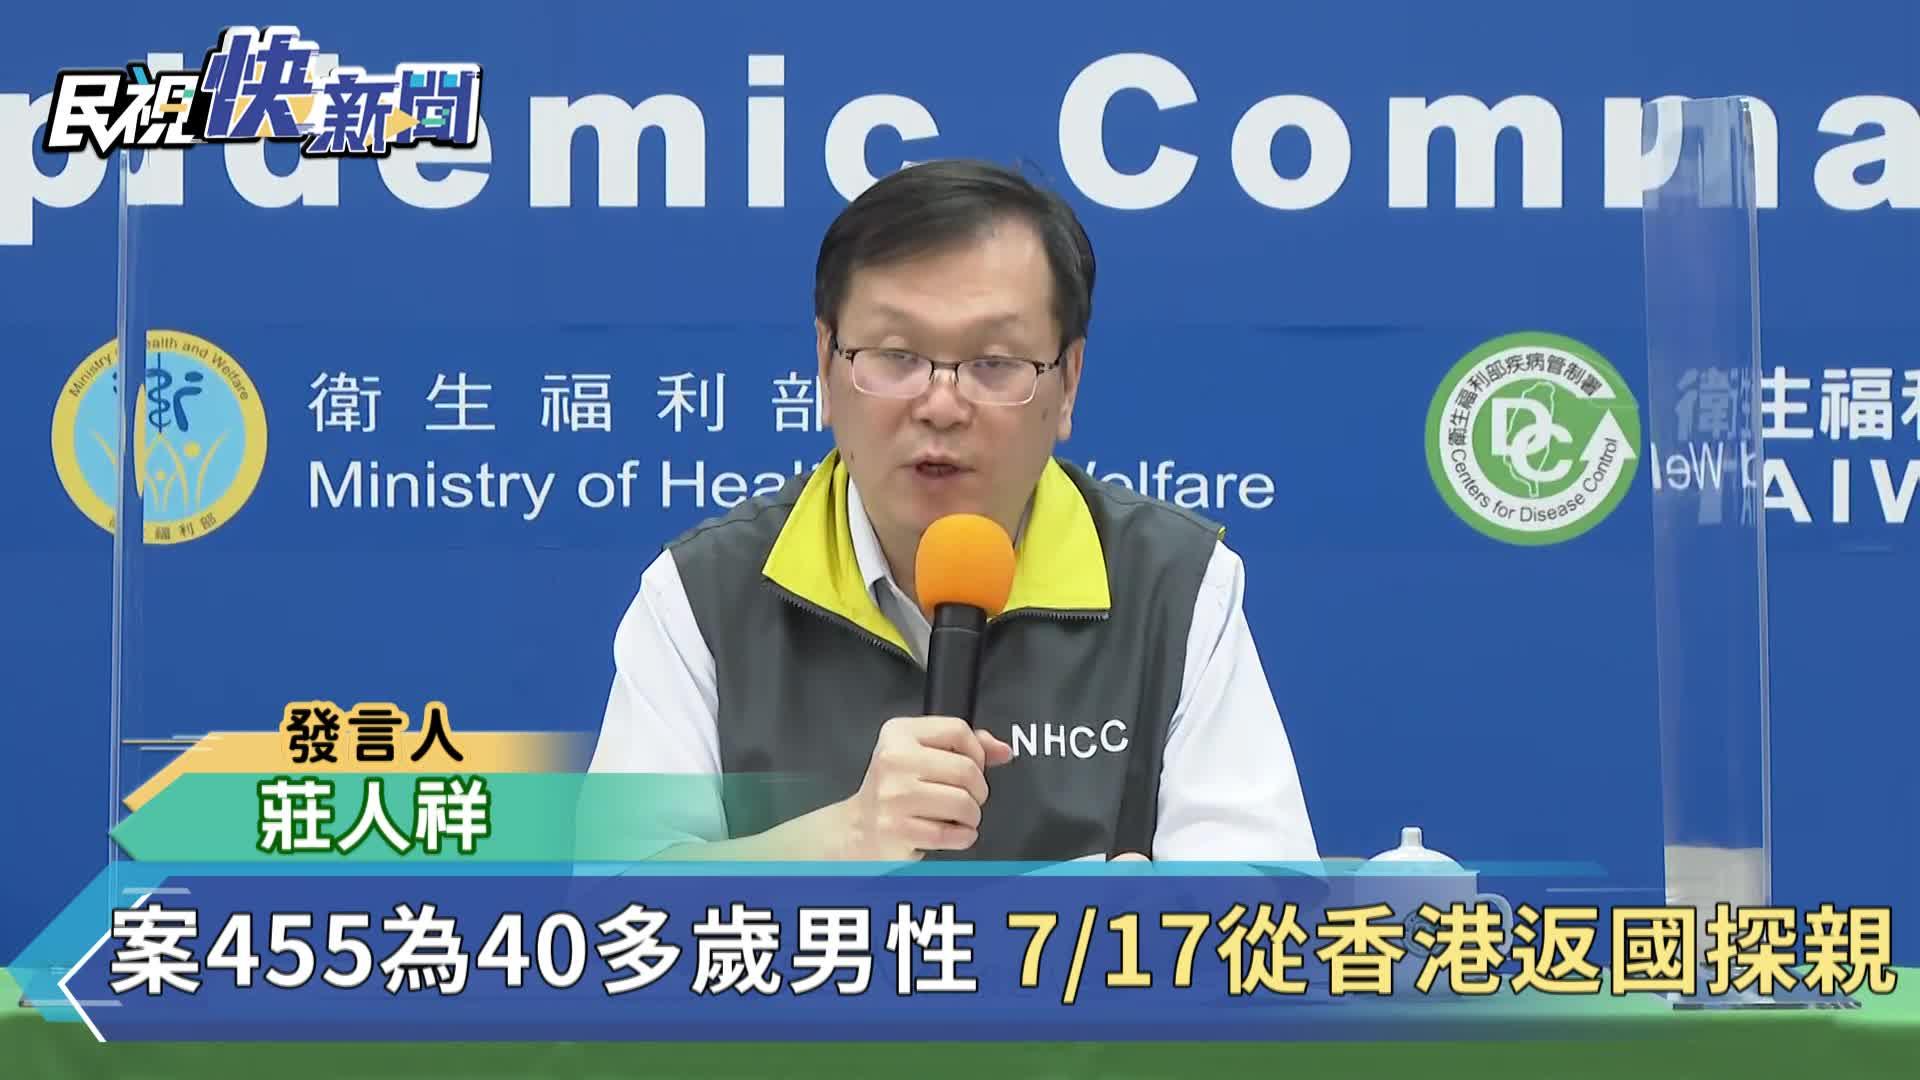 快新聞/台男自香港返台探親入境確診 指揮中心掌握10位接觸者